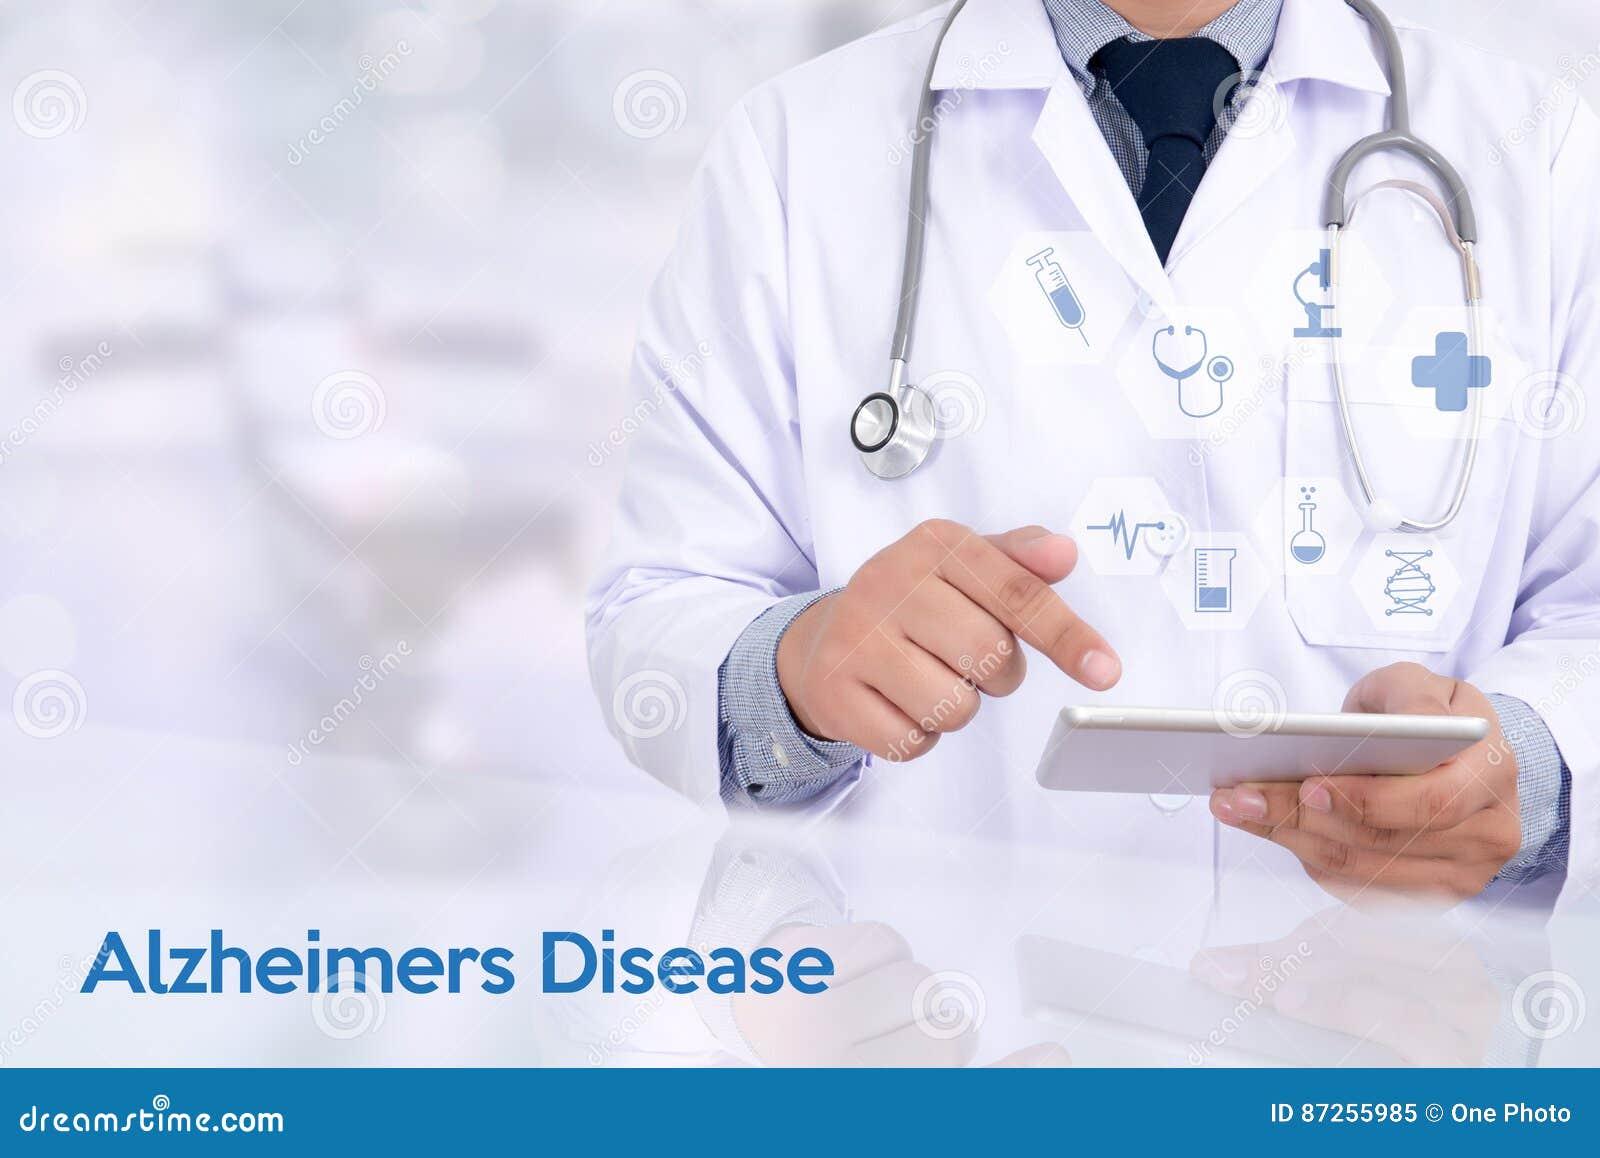 Alzheimers choroby pojęcie, Móżdżkowe degeneracyjne choroby Parkin